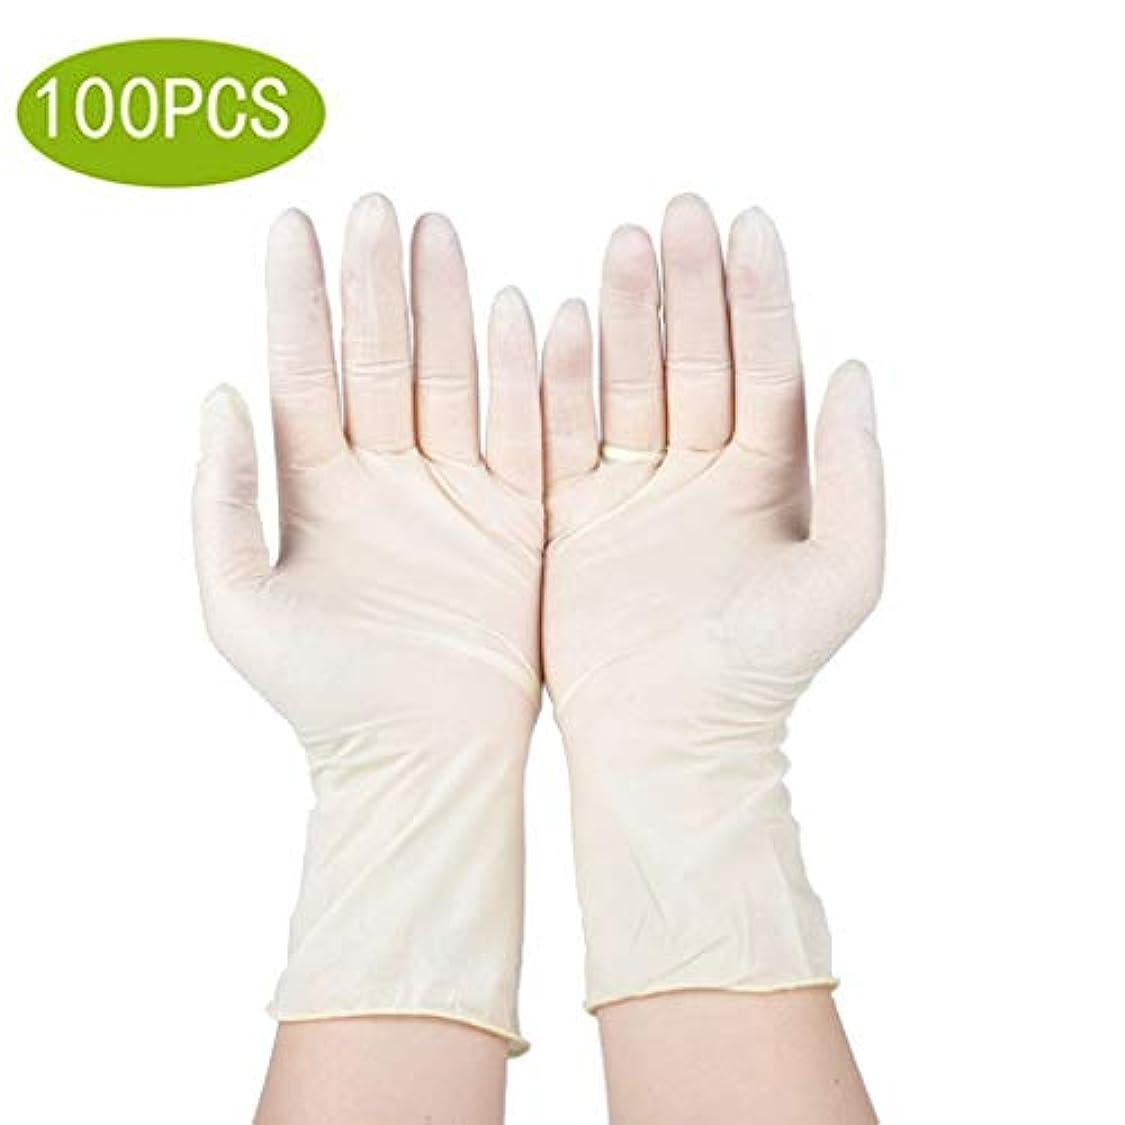 コンパクトアラートセレナニトリル手袋義務使い捨てビニール手袋、100カウント、特大 - パウダーフリー、両性、極度の快適さ、特別に強く、丈夫で伸縮性がある、医療、食品、マルチユース (Color : Latex Gloves, Size : M)